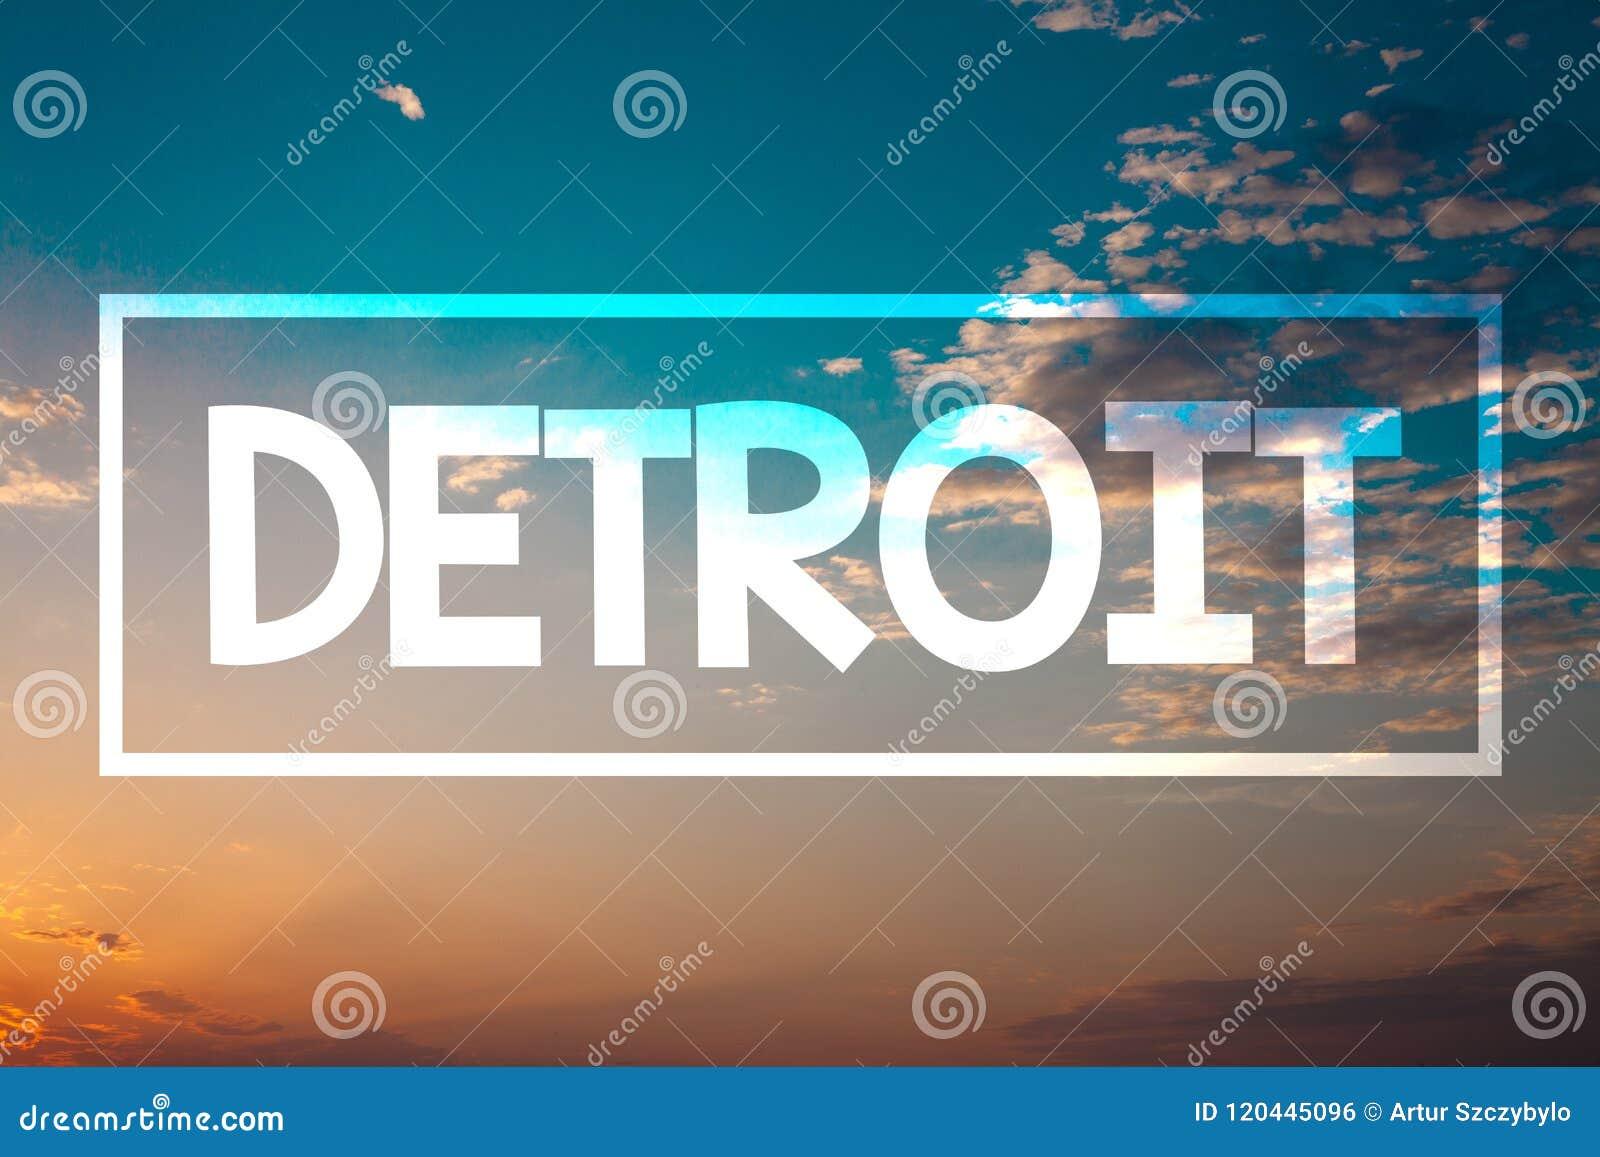 Κείμενο Ντιτρόιτ γραφής Έννοια που σημαίνει την πόλη στο κεφάλαιο των Ηνωμένων Πολιτειών της Αμερικής του μπλε πορτοκαλιού παραλι